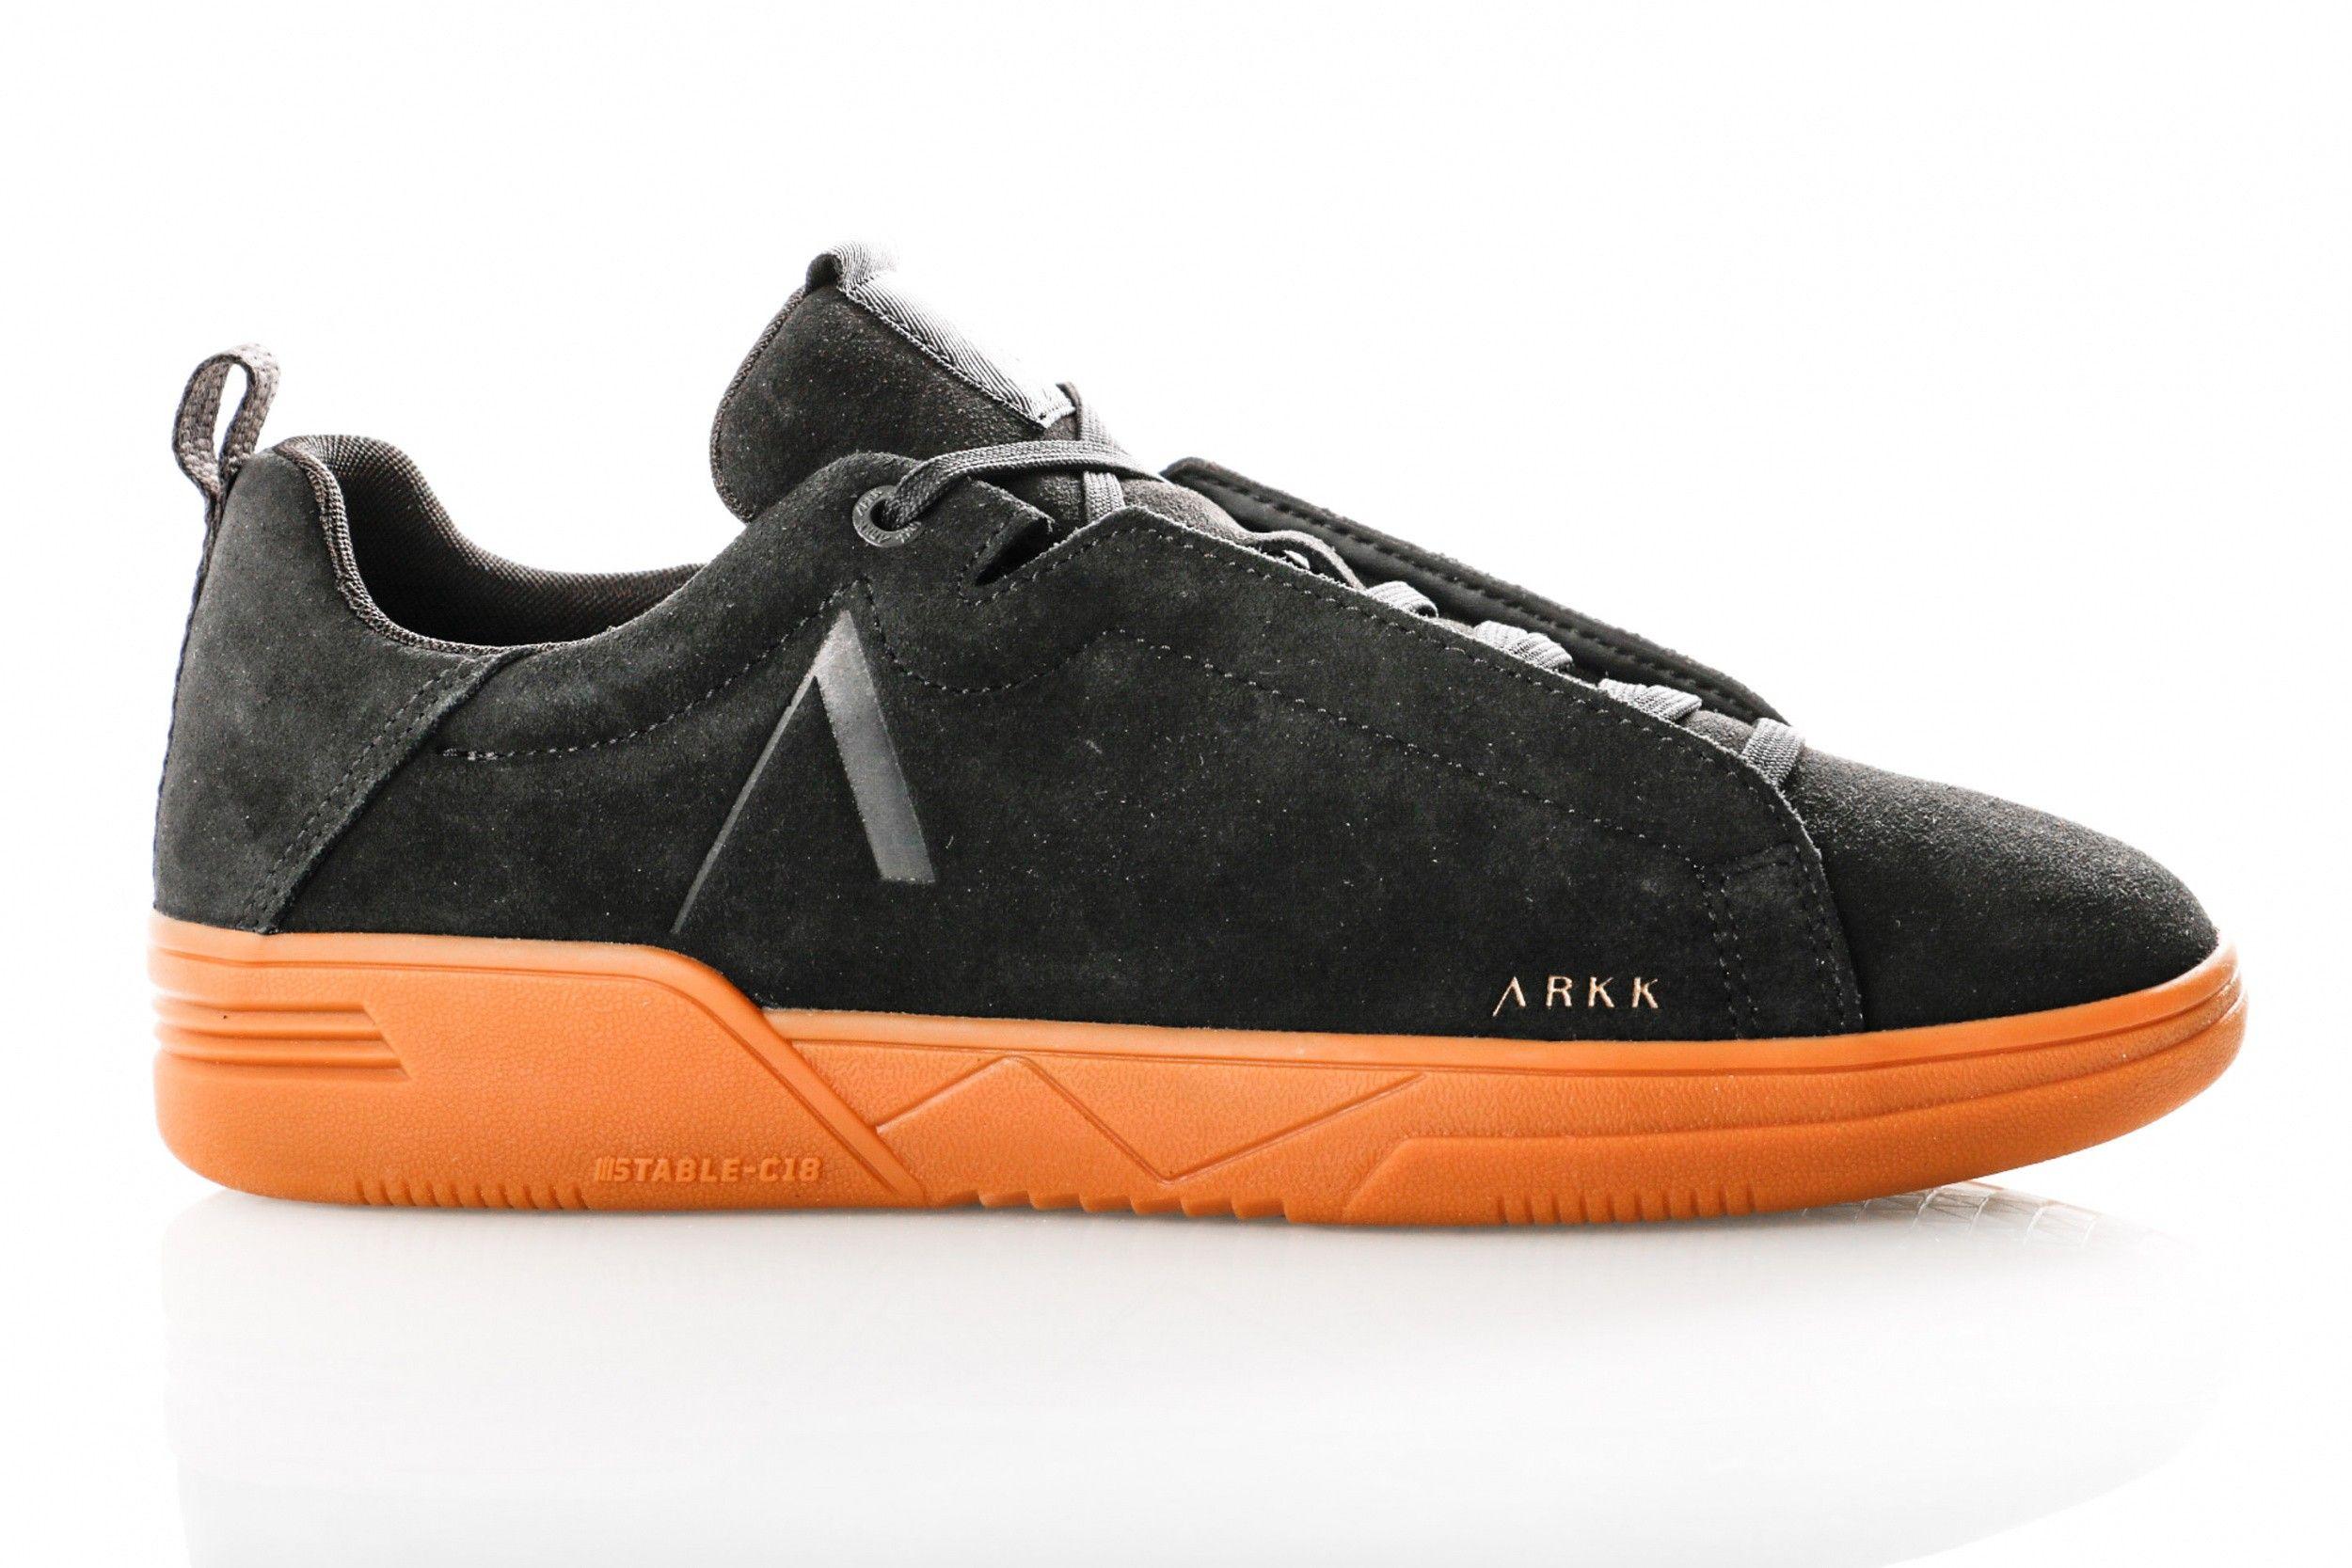 Afbeelding van Arkk Uniklass Suede S-C18 4602-0099 Sneakers Black Gum